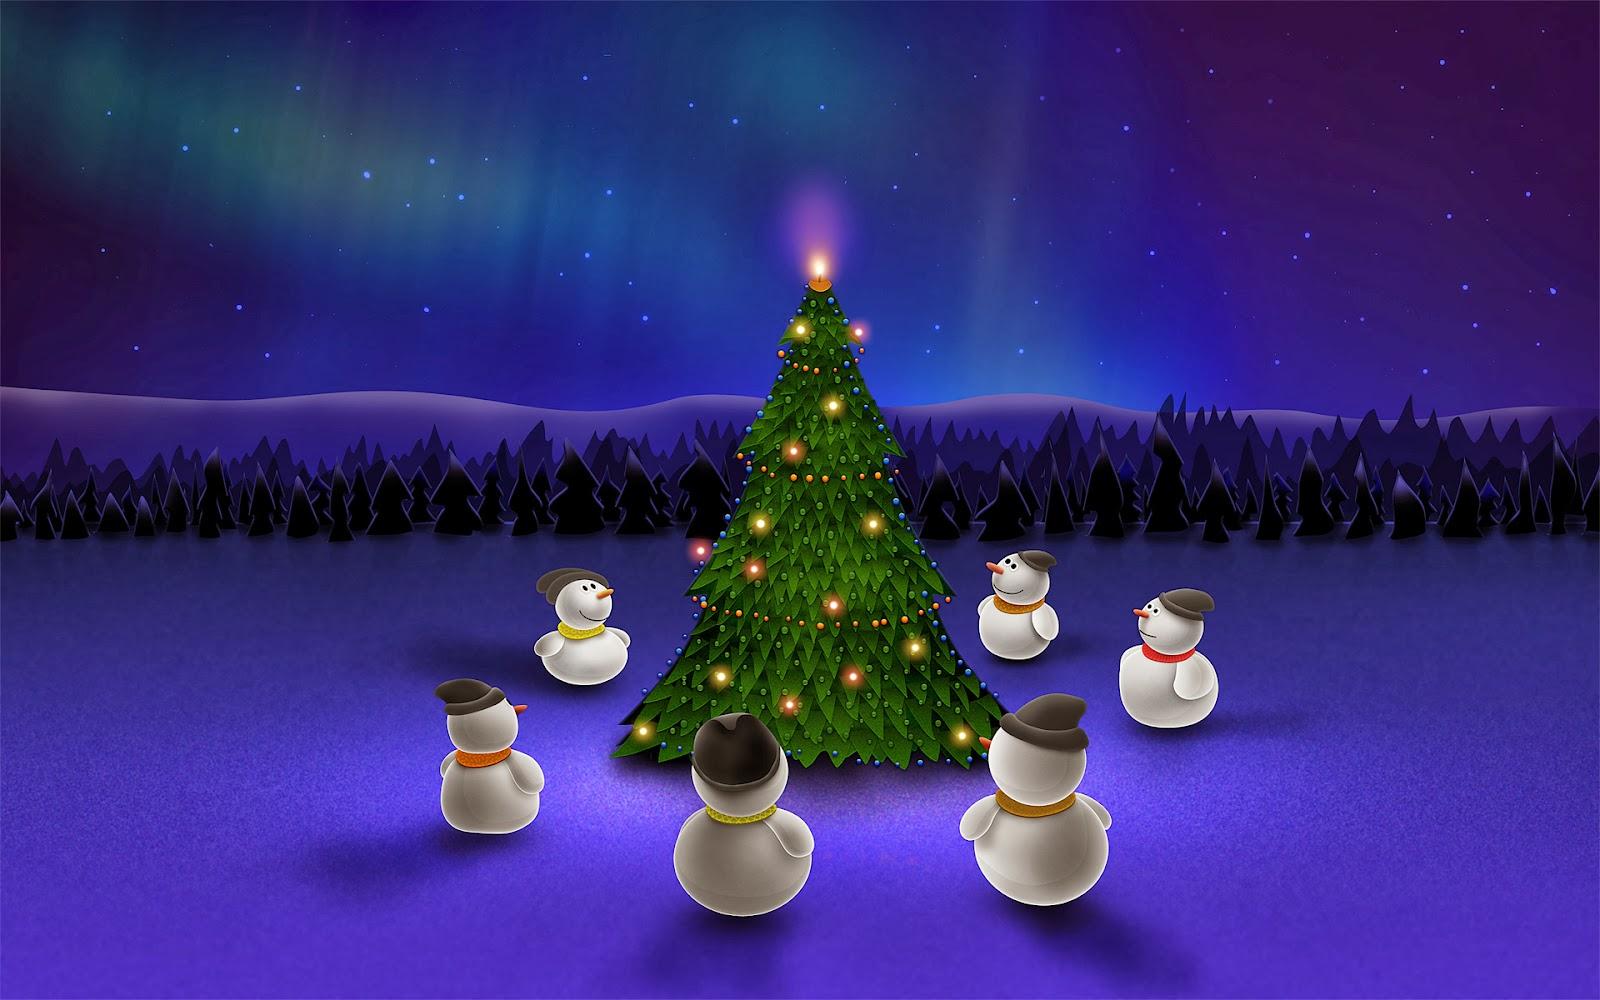 Fondos Navidad Animados: Fondo De Pantalla Navidad Muñecos De Nieve Alrededor De Abeto